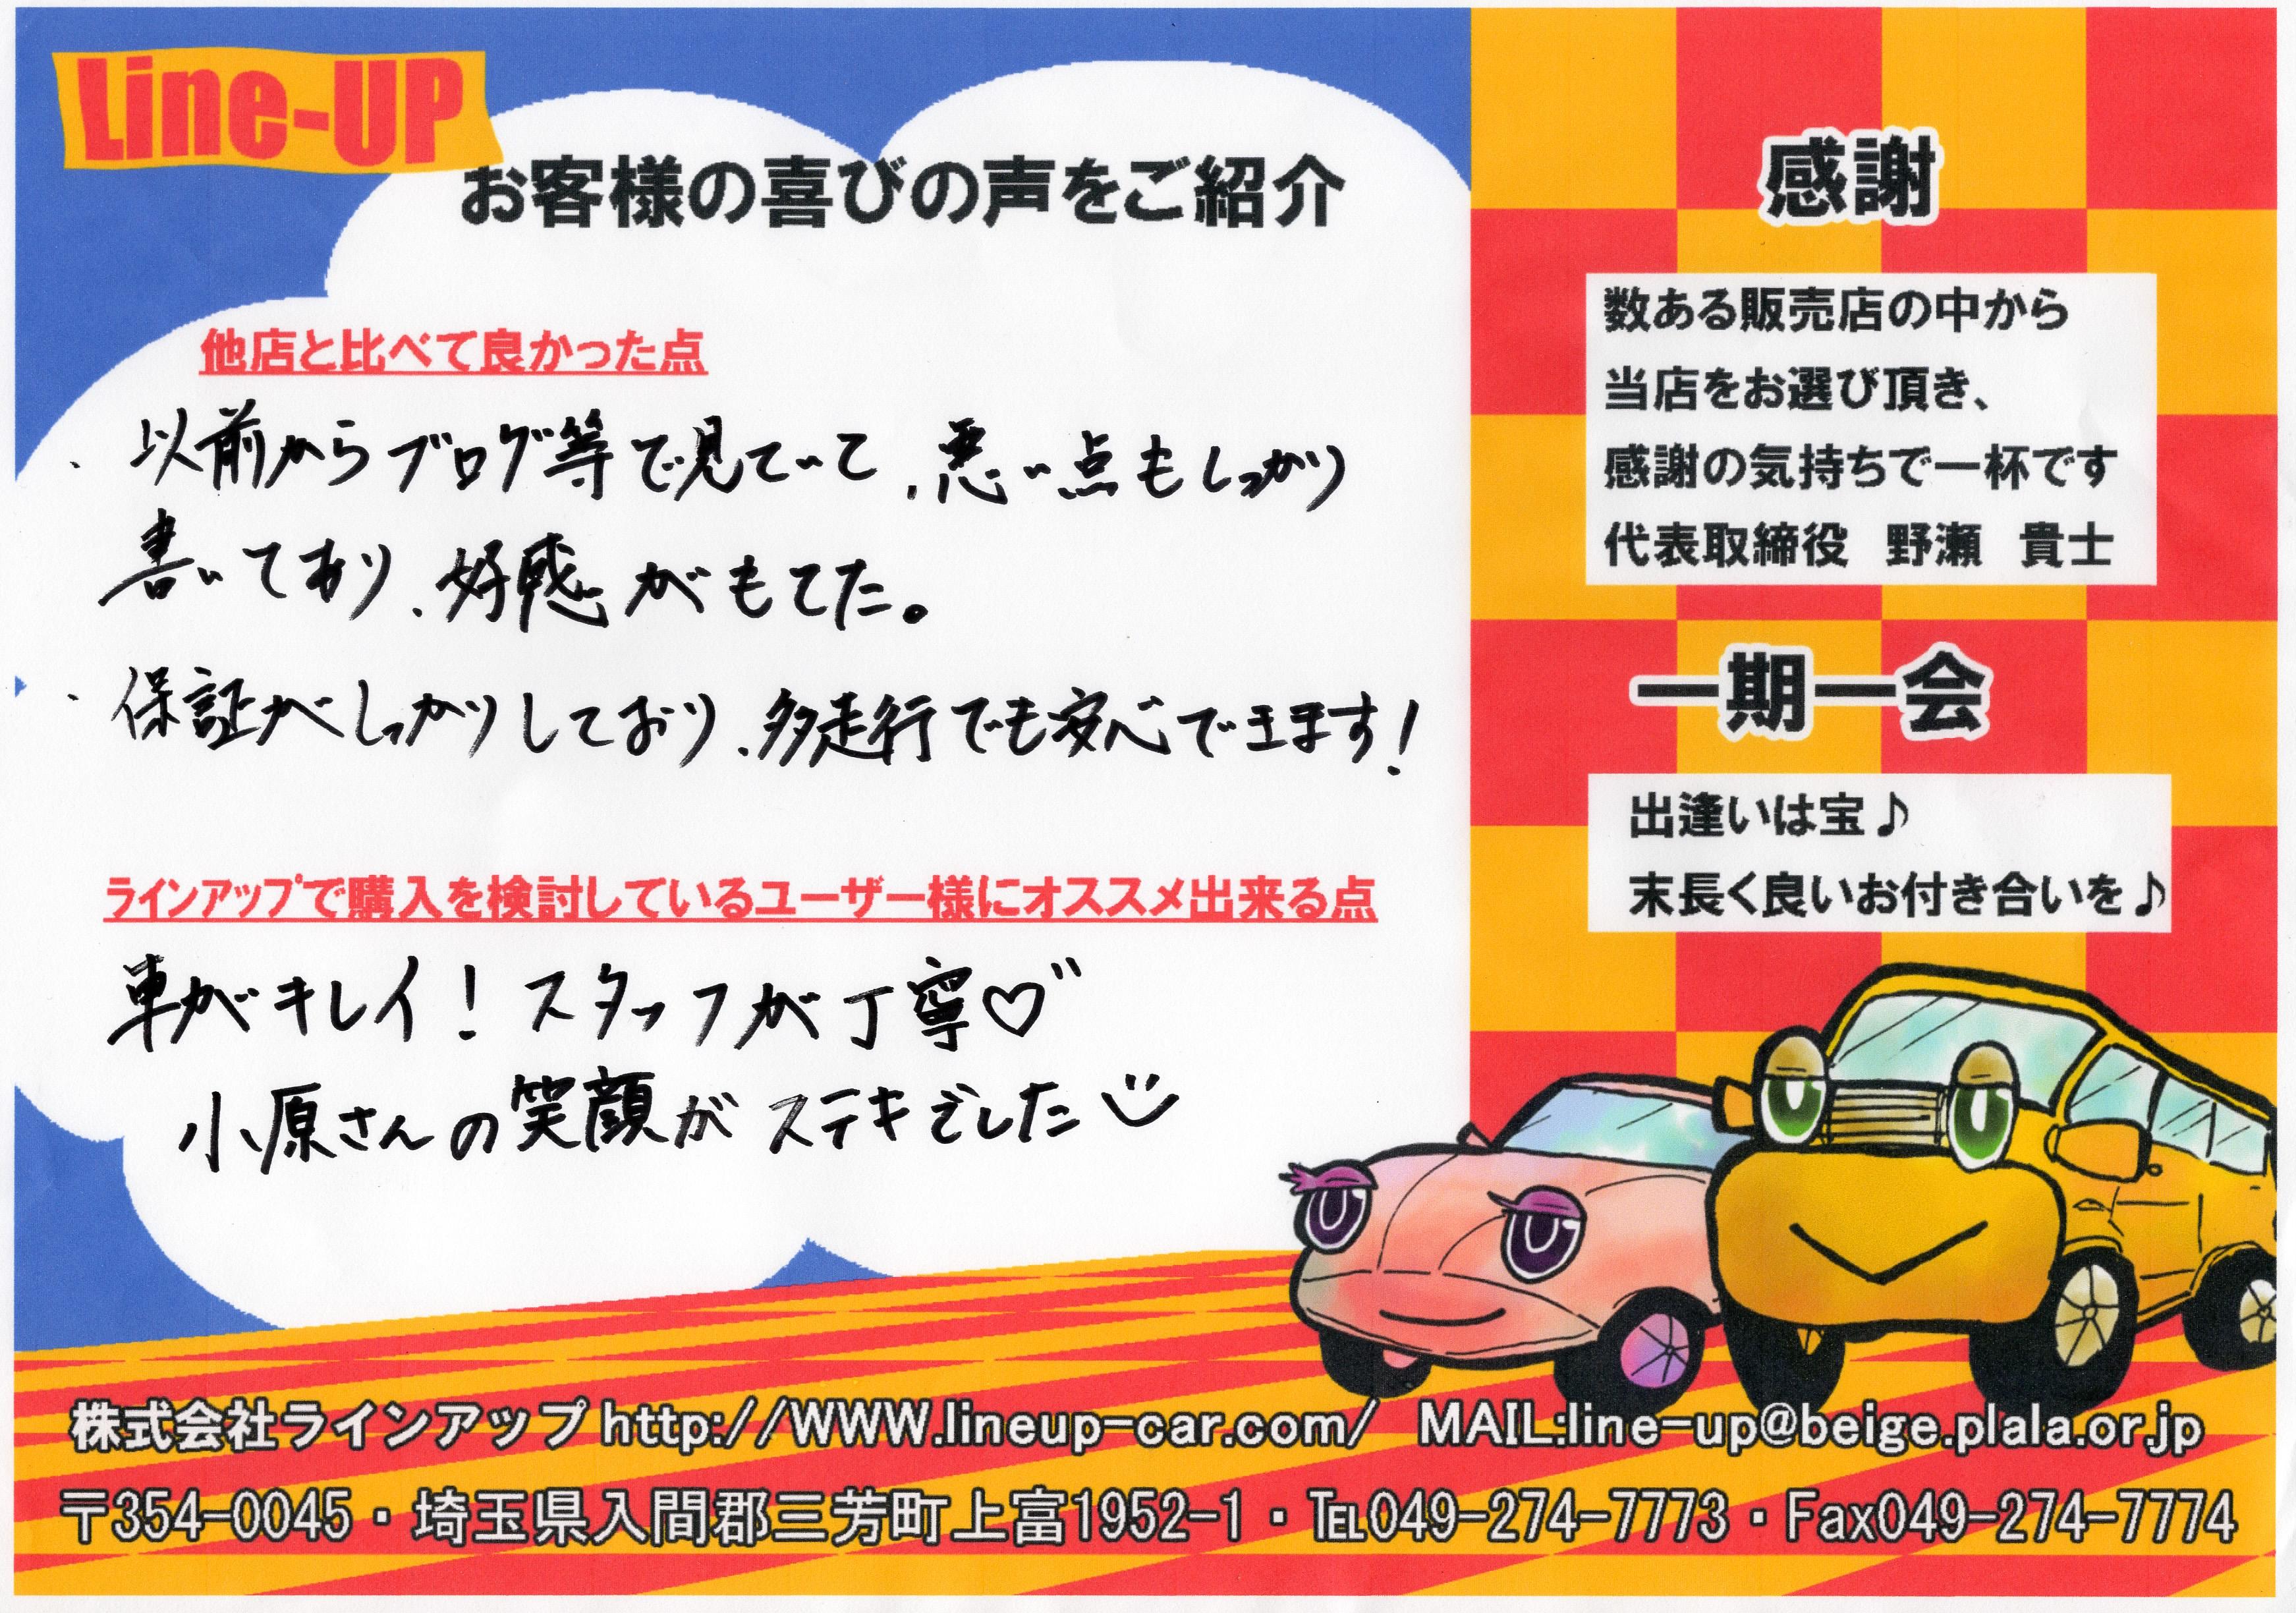 エリシオン中古車 購入事例 神奈川県川崎市 S様 喜びの声